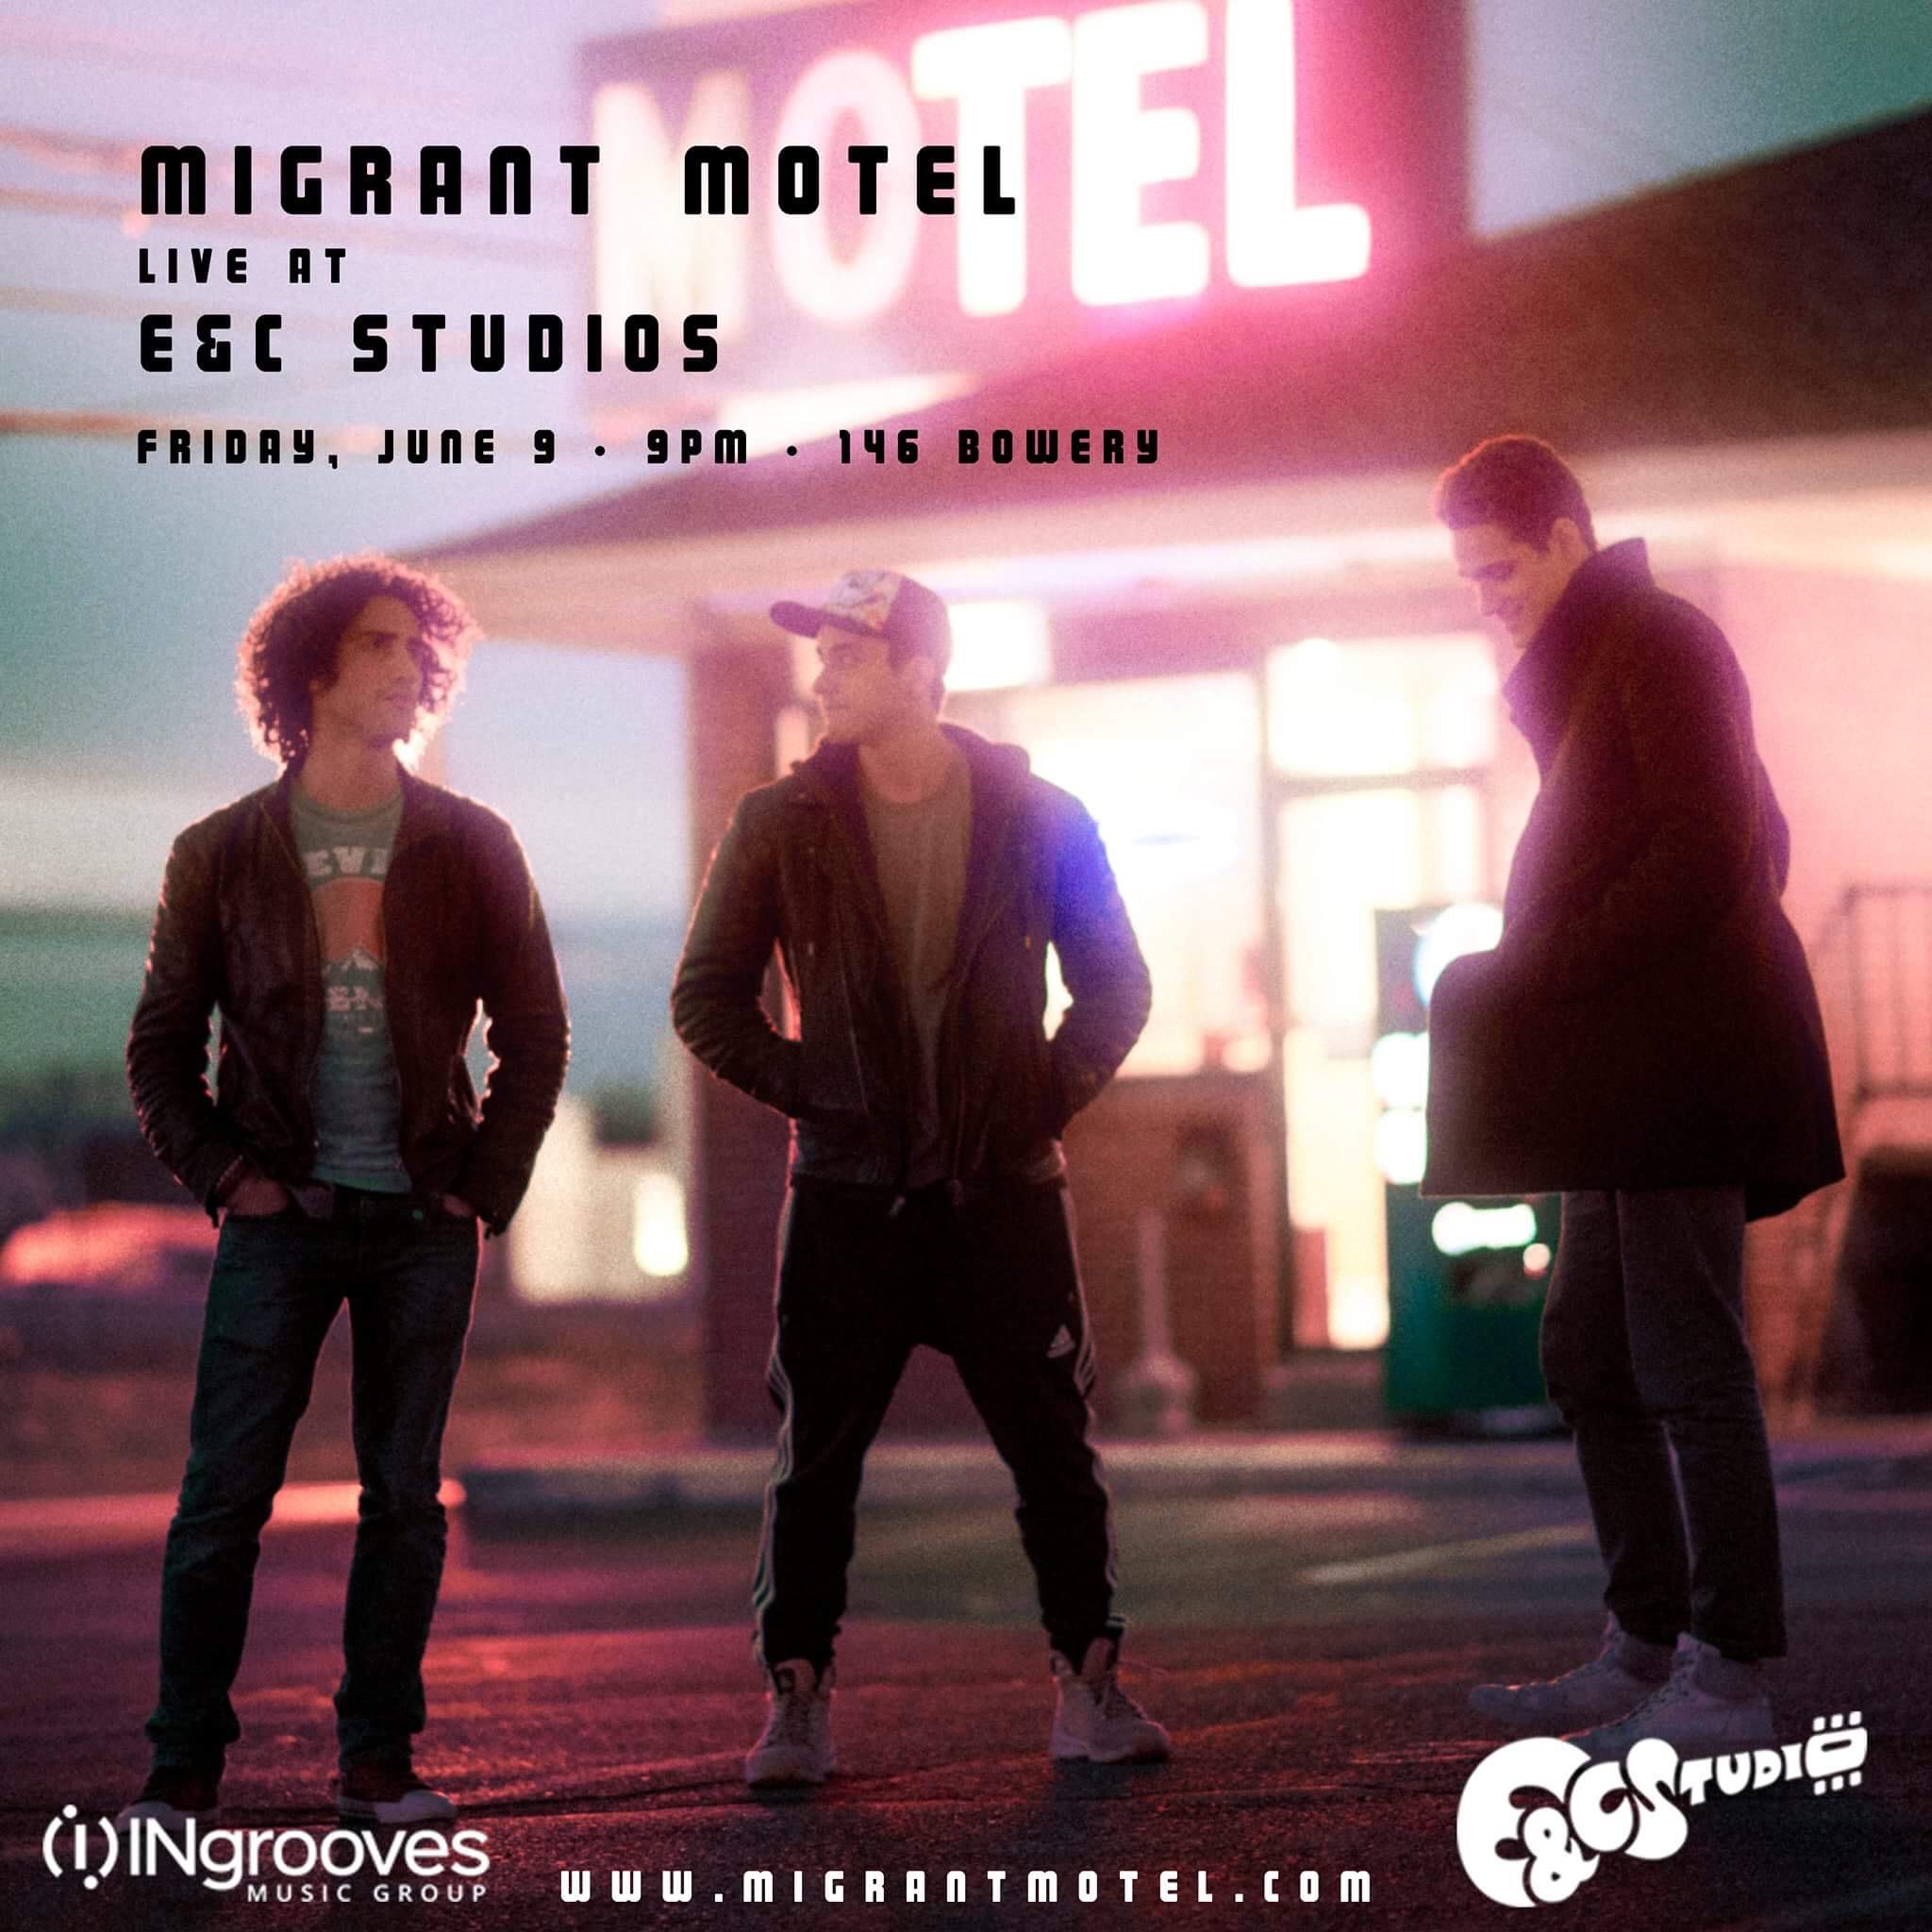 Migrant Motel 3.JPG